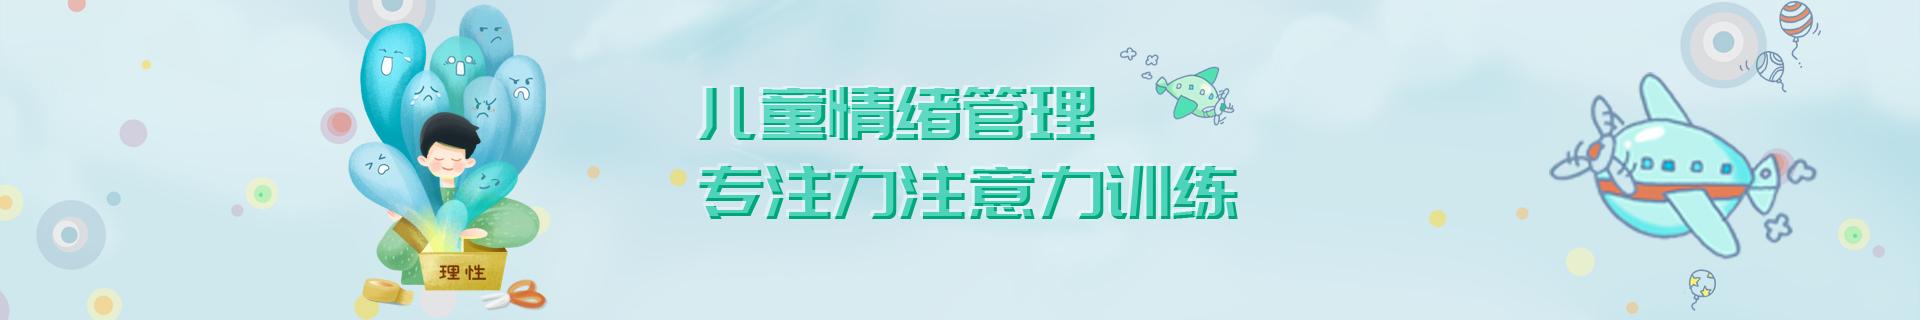 广州海珠区筑心园家庭教育中心